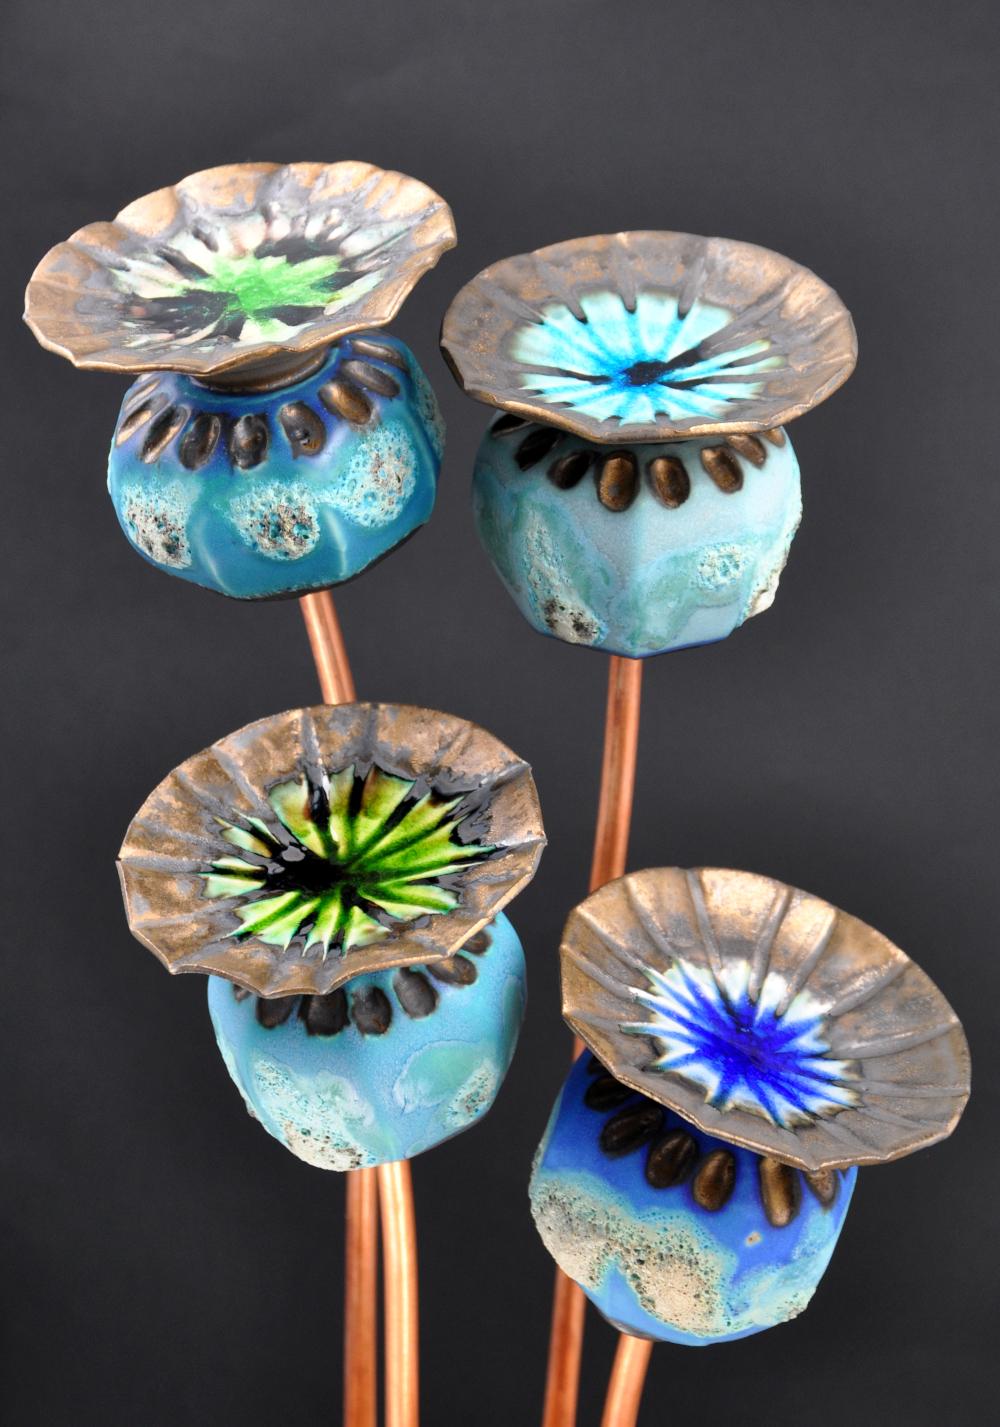 4 blue poppy seed heads